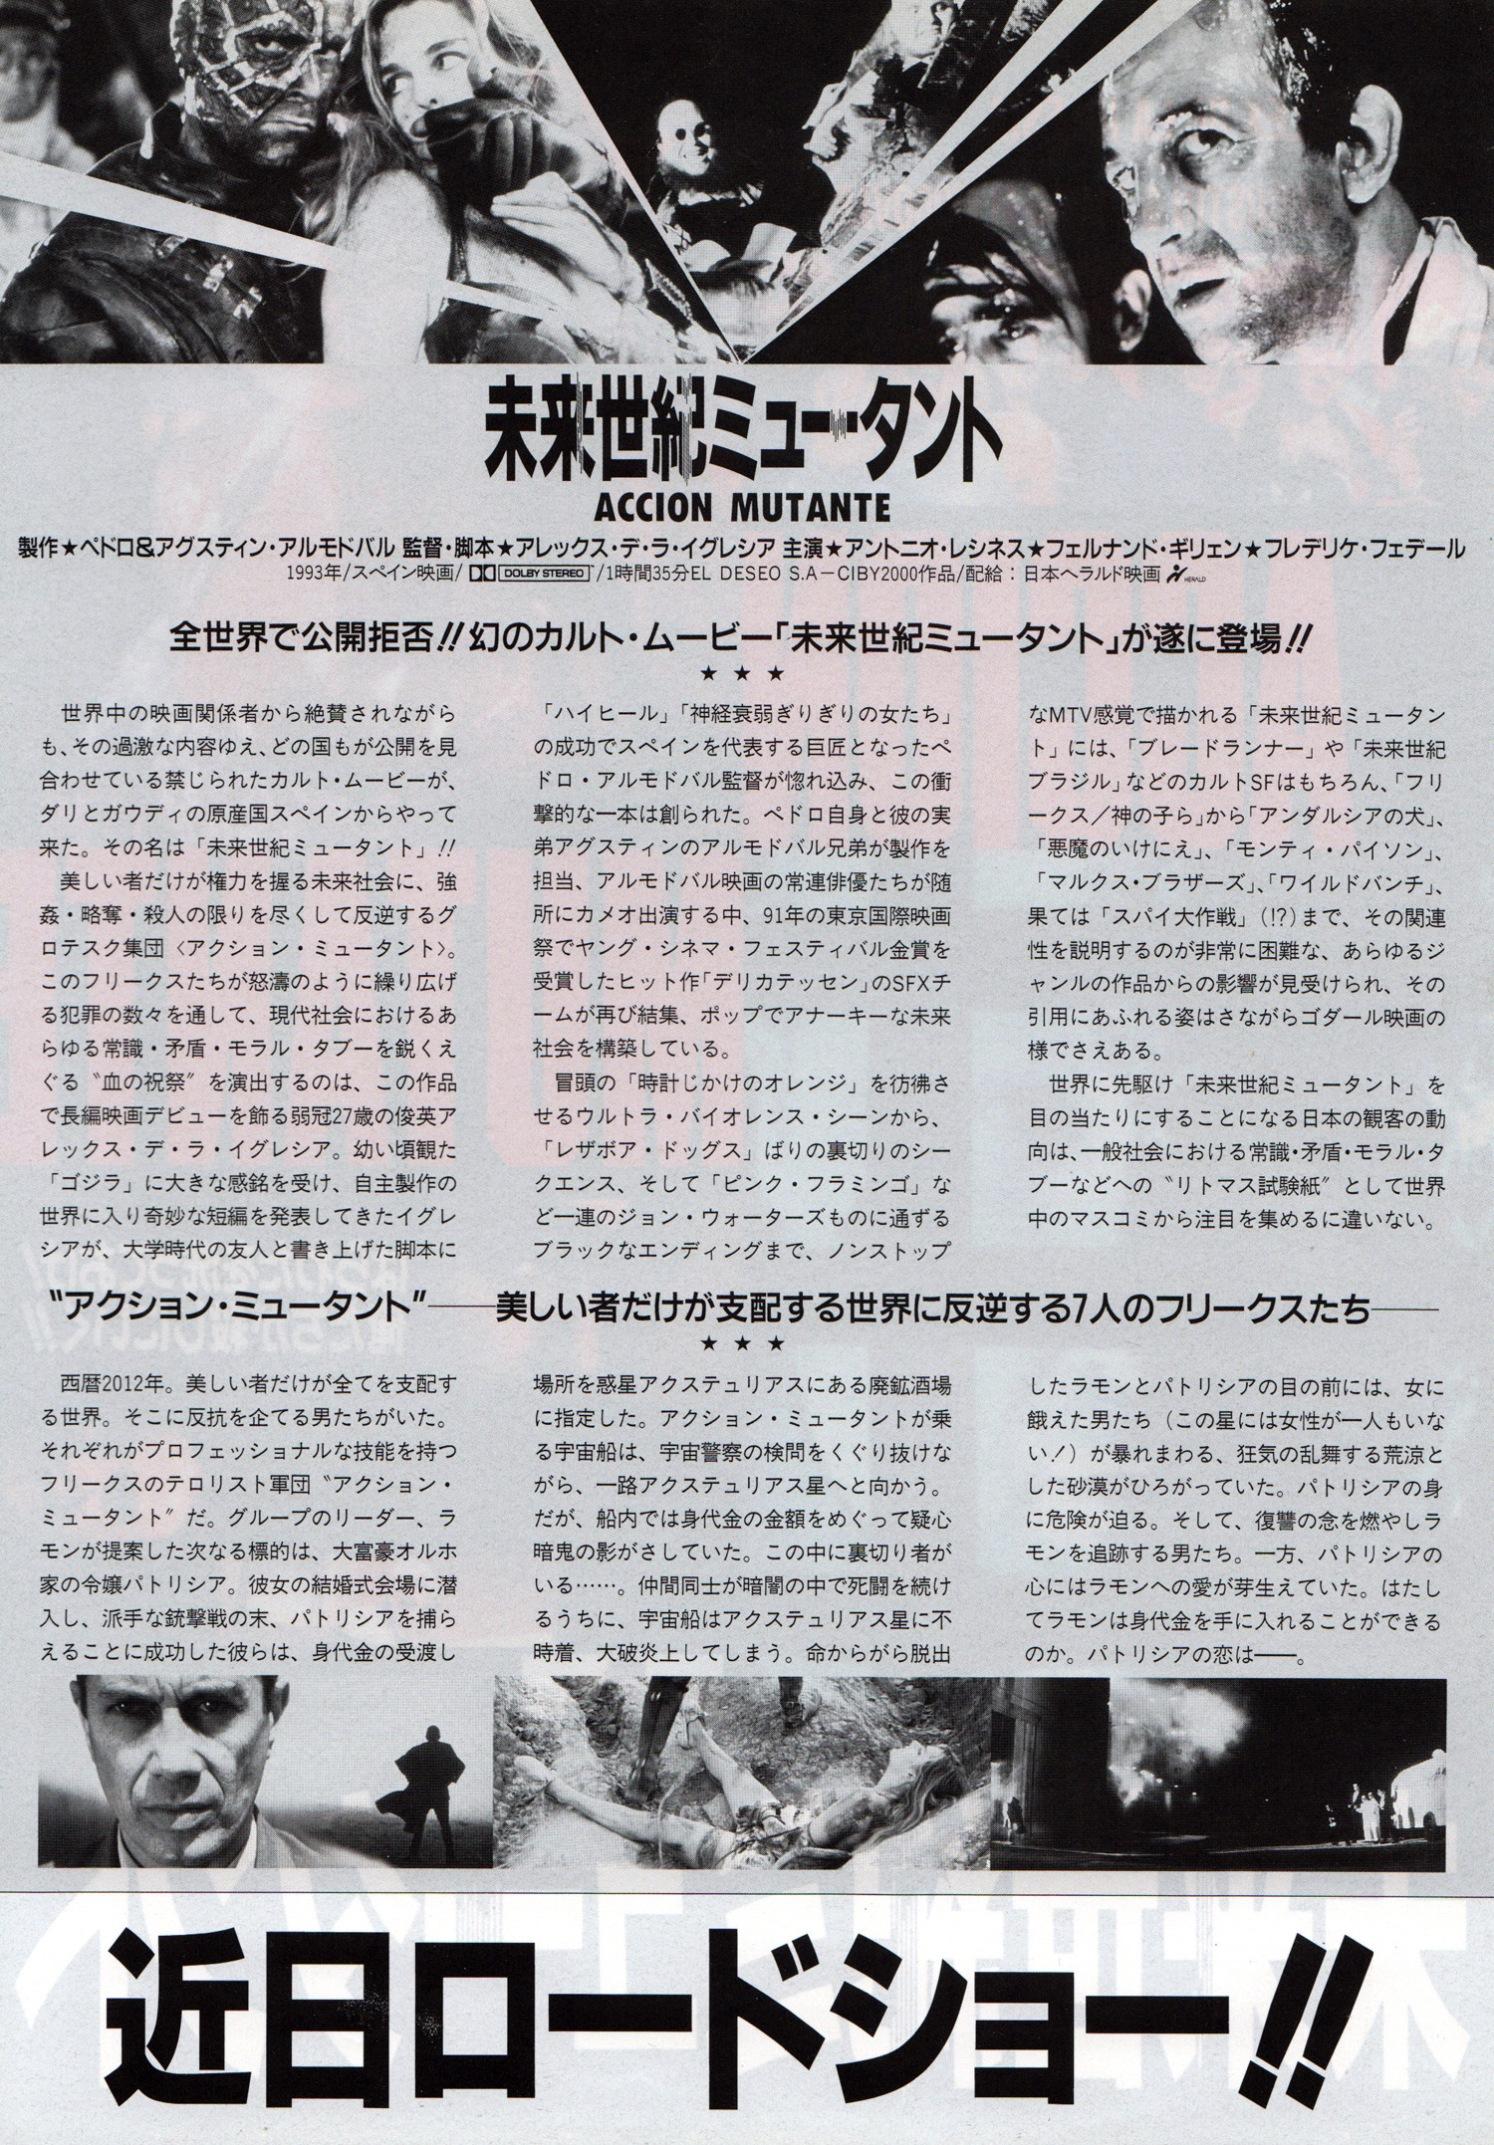 actionmutante-japan-2